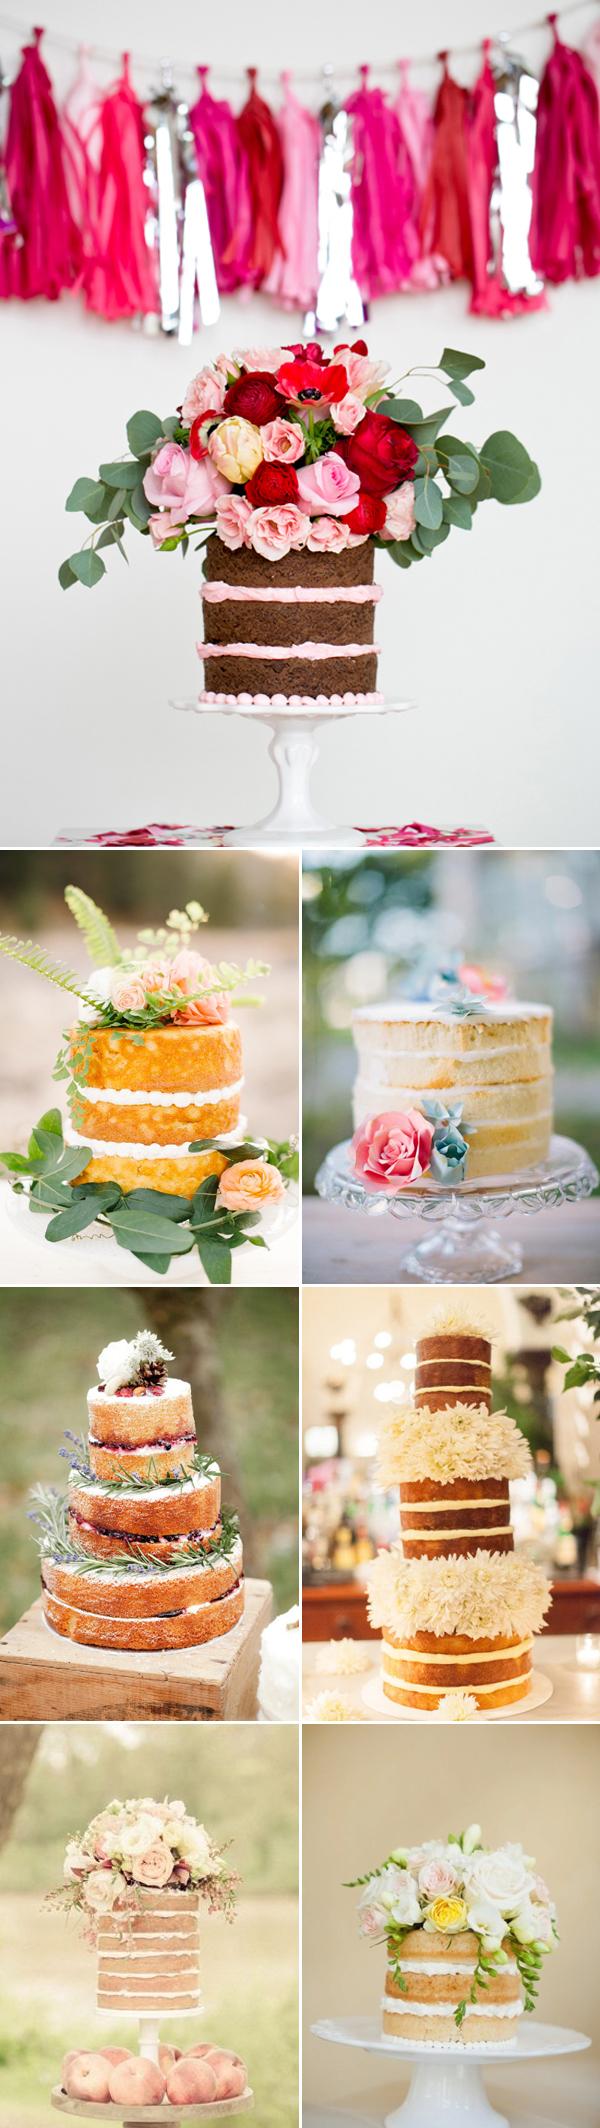 naked wedding cake Nagi tort (1)